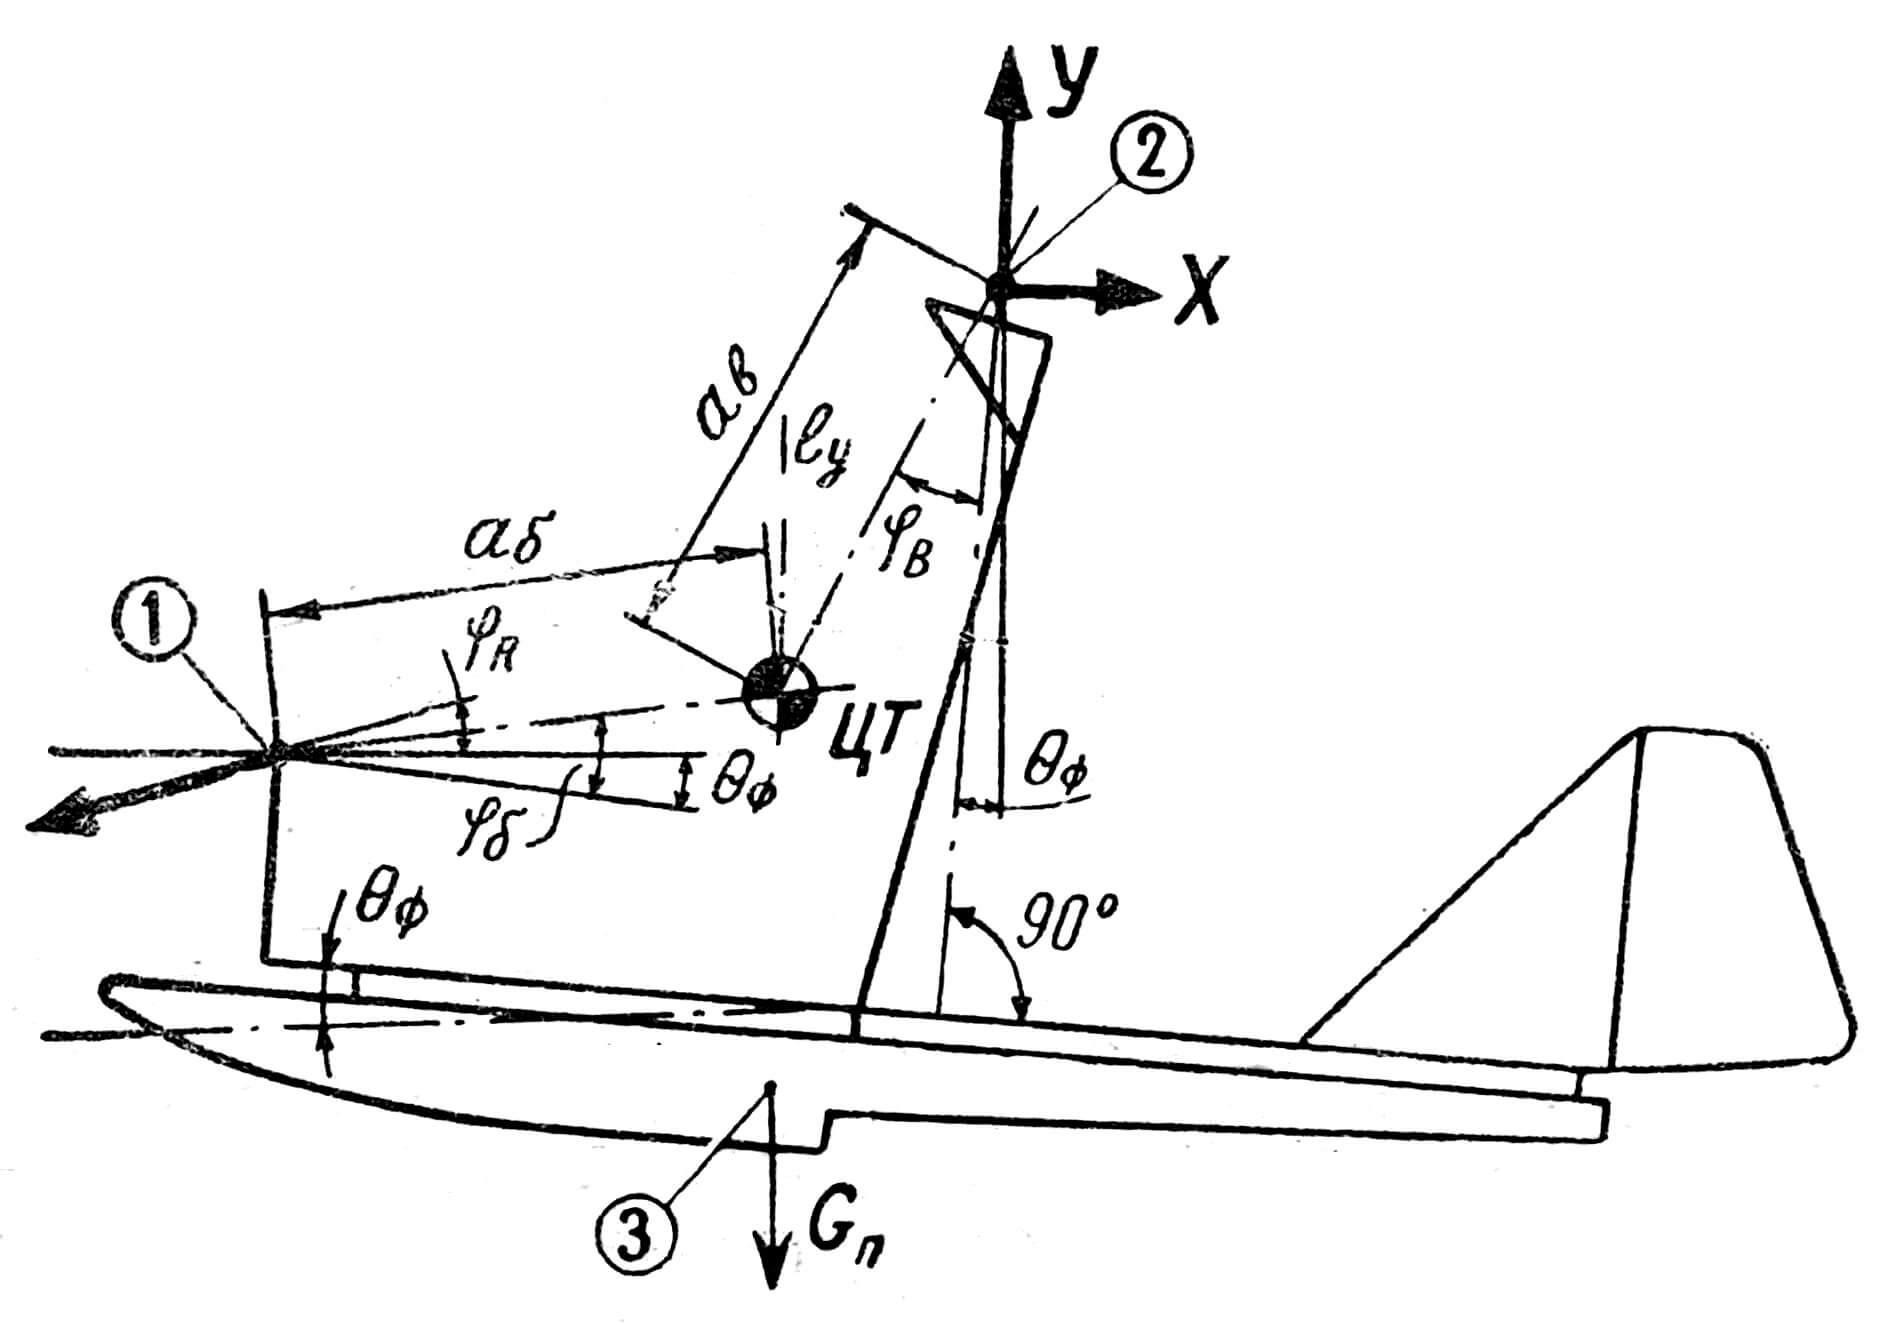 Рис. 2. Схема центровки и определения координат точки крепления буксирного троса: ЦТ — центр тяжести системы, 1 — точка крепления буксирного троса, 2 — ось ротора, 3 — центр тяжести поплавков, Yв — центровочный угол, θф — угол тангажа фюзеляжа, Rт — тяга буксировочного троса, Gп — вес поплавка, Yк — угол наклона троса к горизонту, Yб — угол наклона линии Аб к строительной оси.